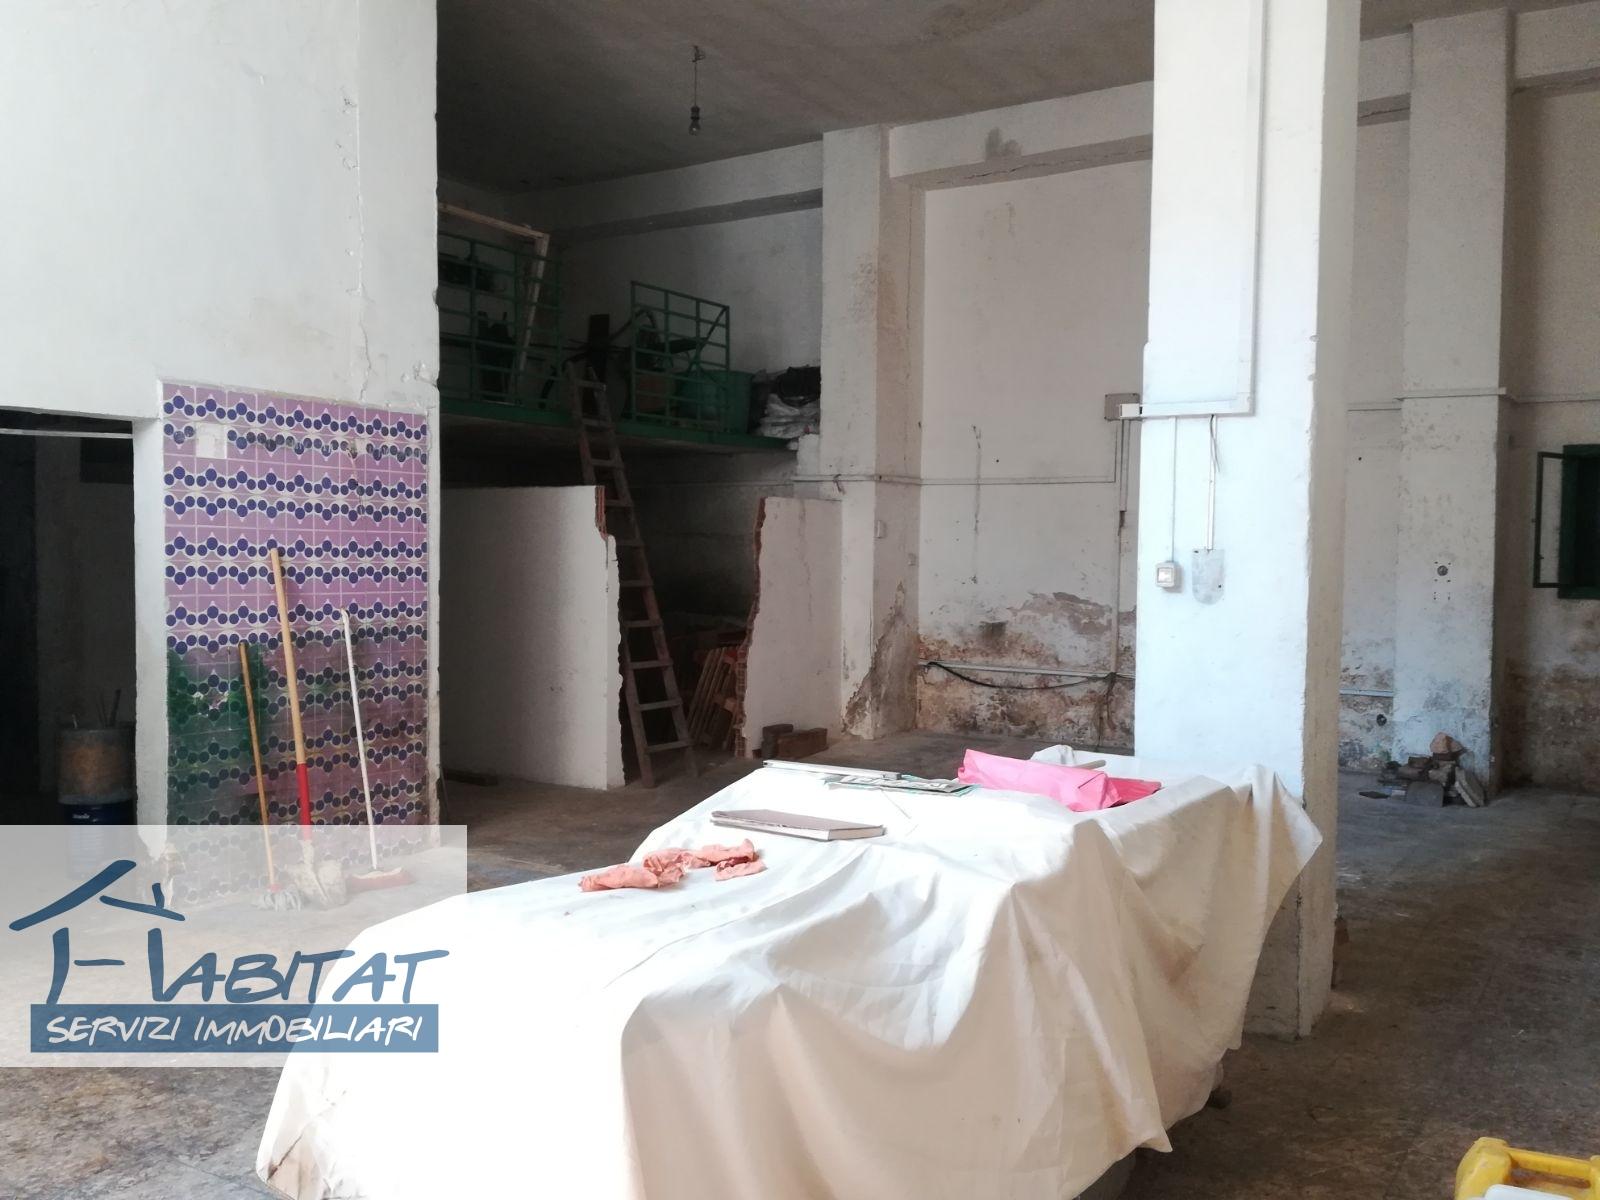 Magazzino in vendita a Agrigento, 1 locali, zona Zona: Centro, prezzo € 99.000 | CambioCasa.it